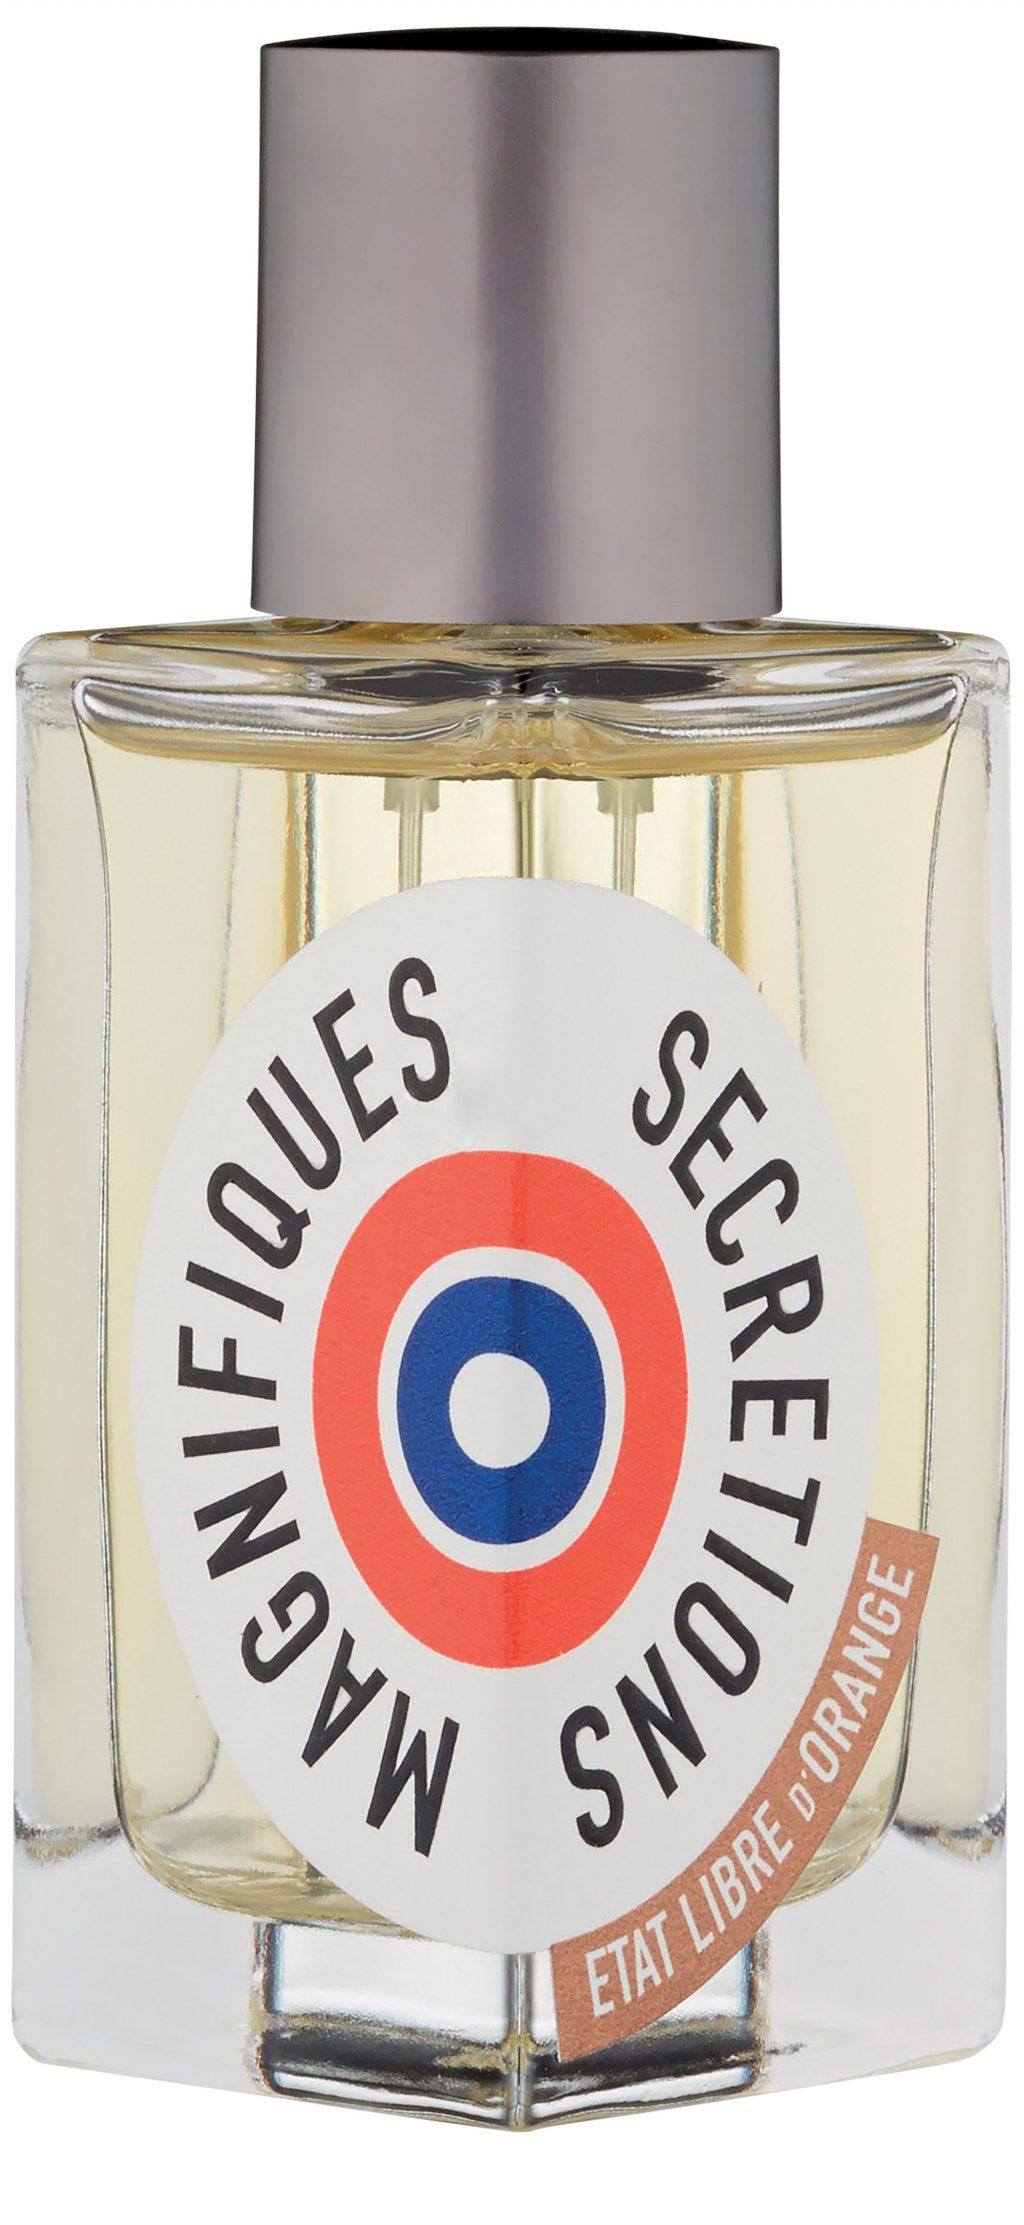 mùi hương nước hoa Etat Libre